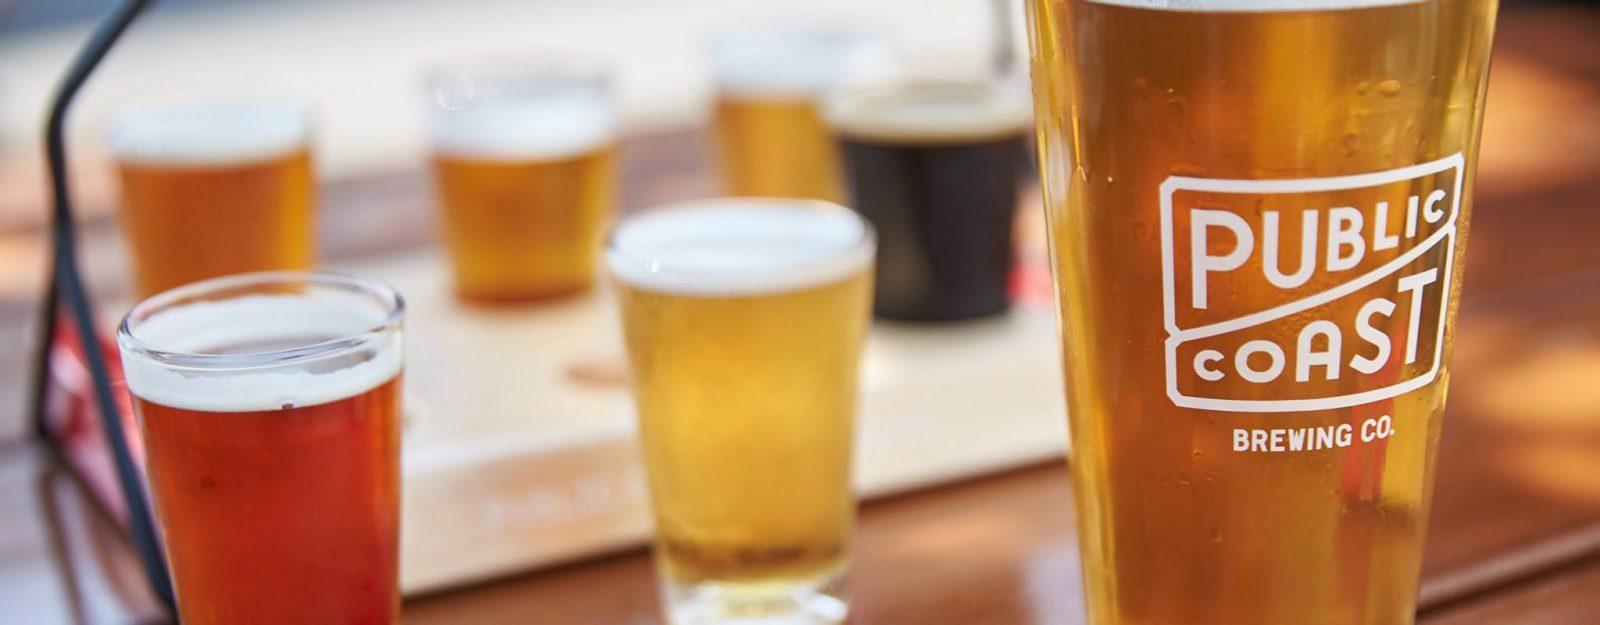 Public Coast Beer